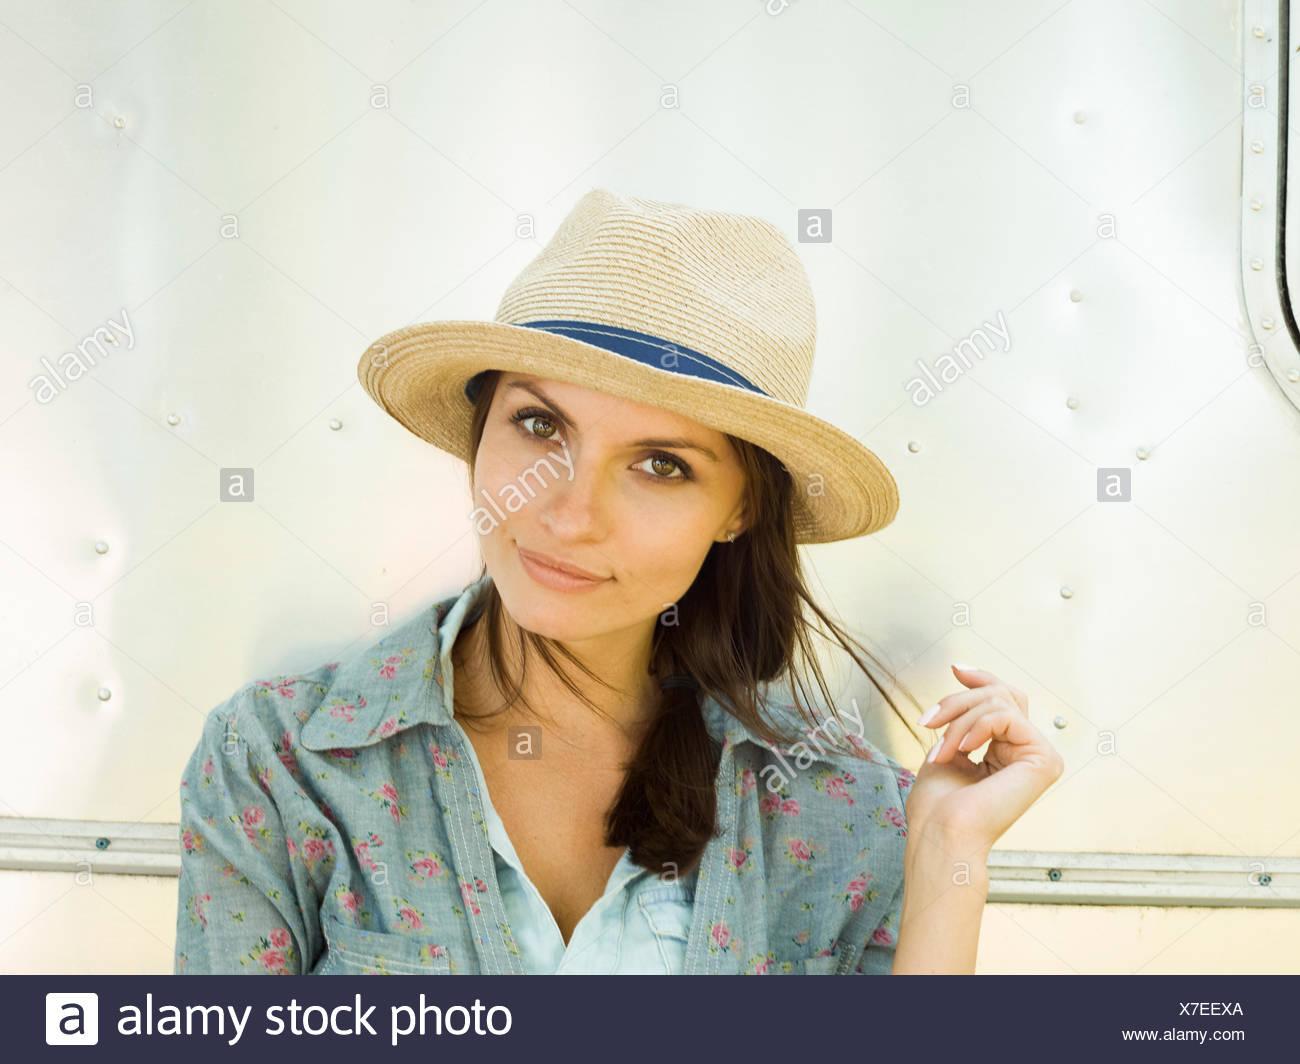 Une jeune femme d'un chapeau de paille, sa tête inclinée à curieux. Photo Stock